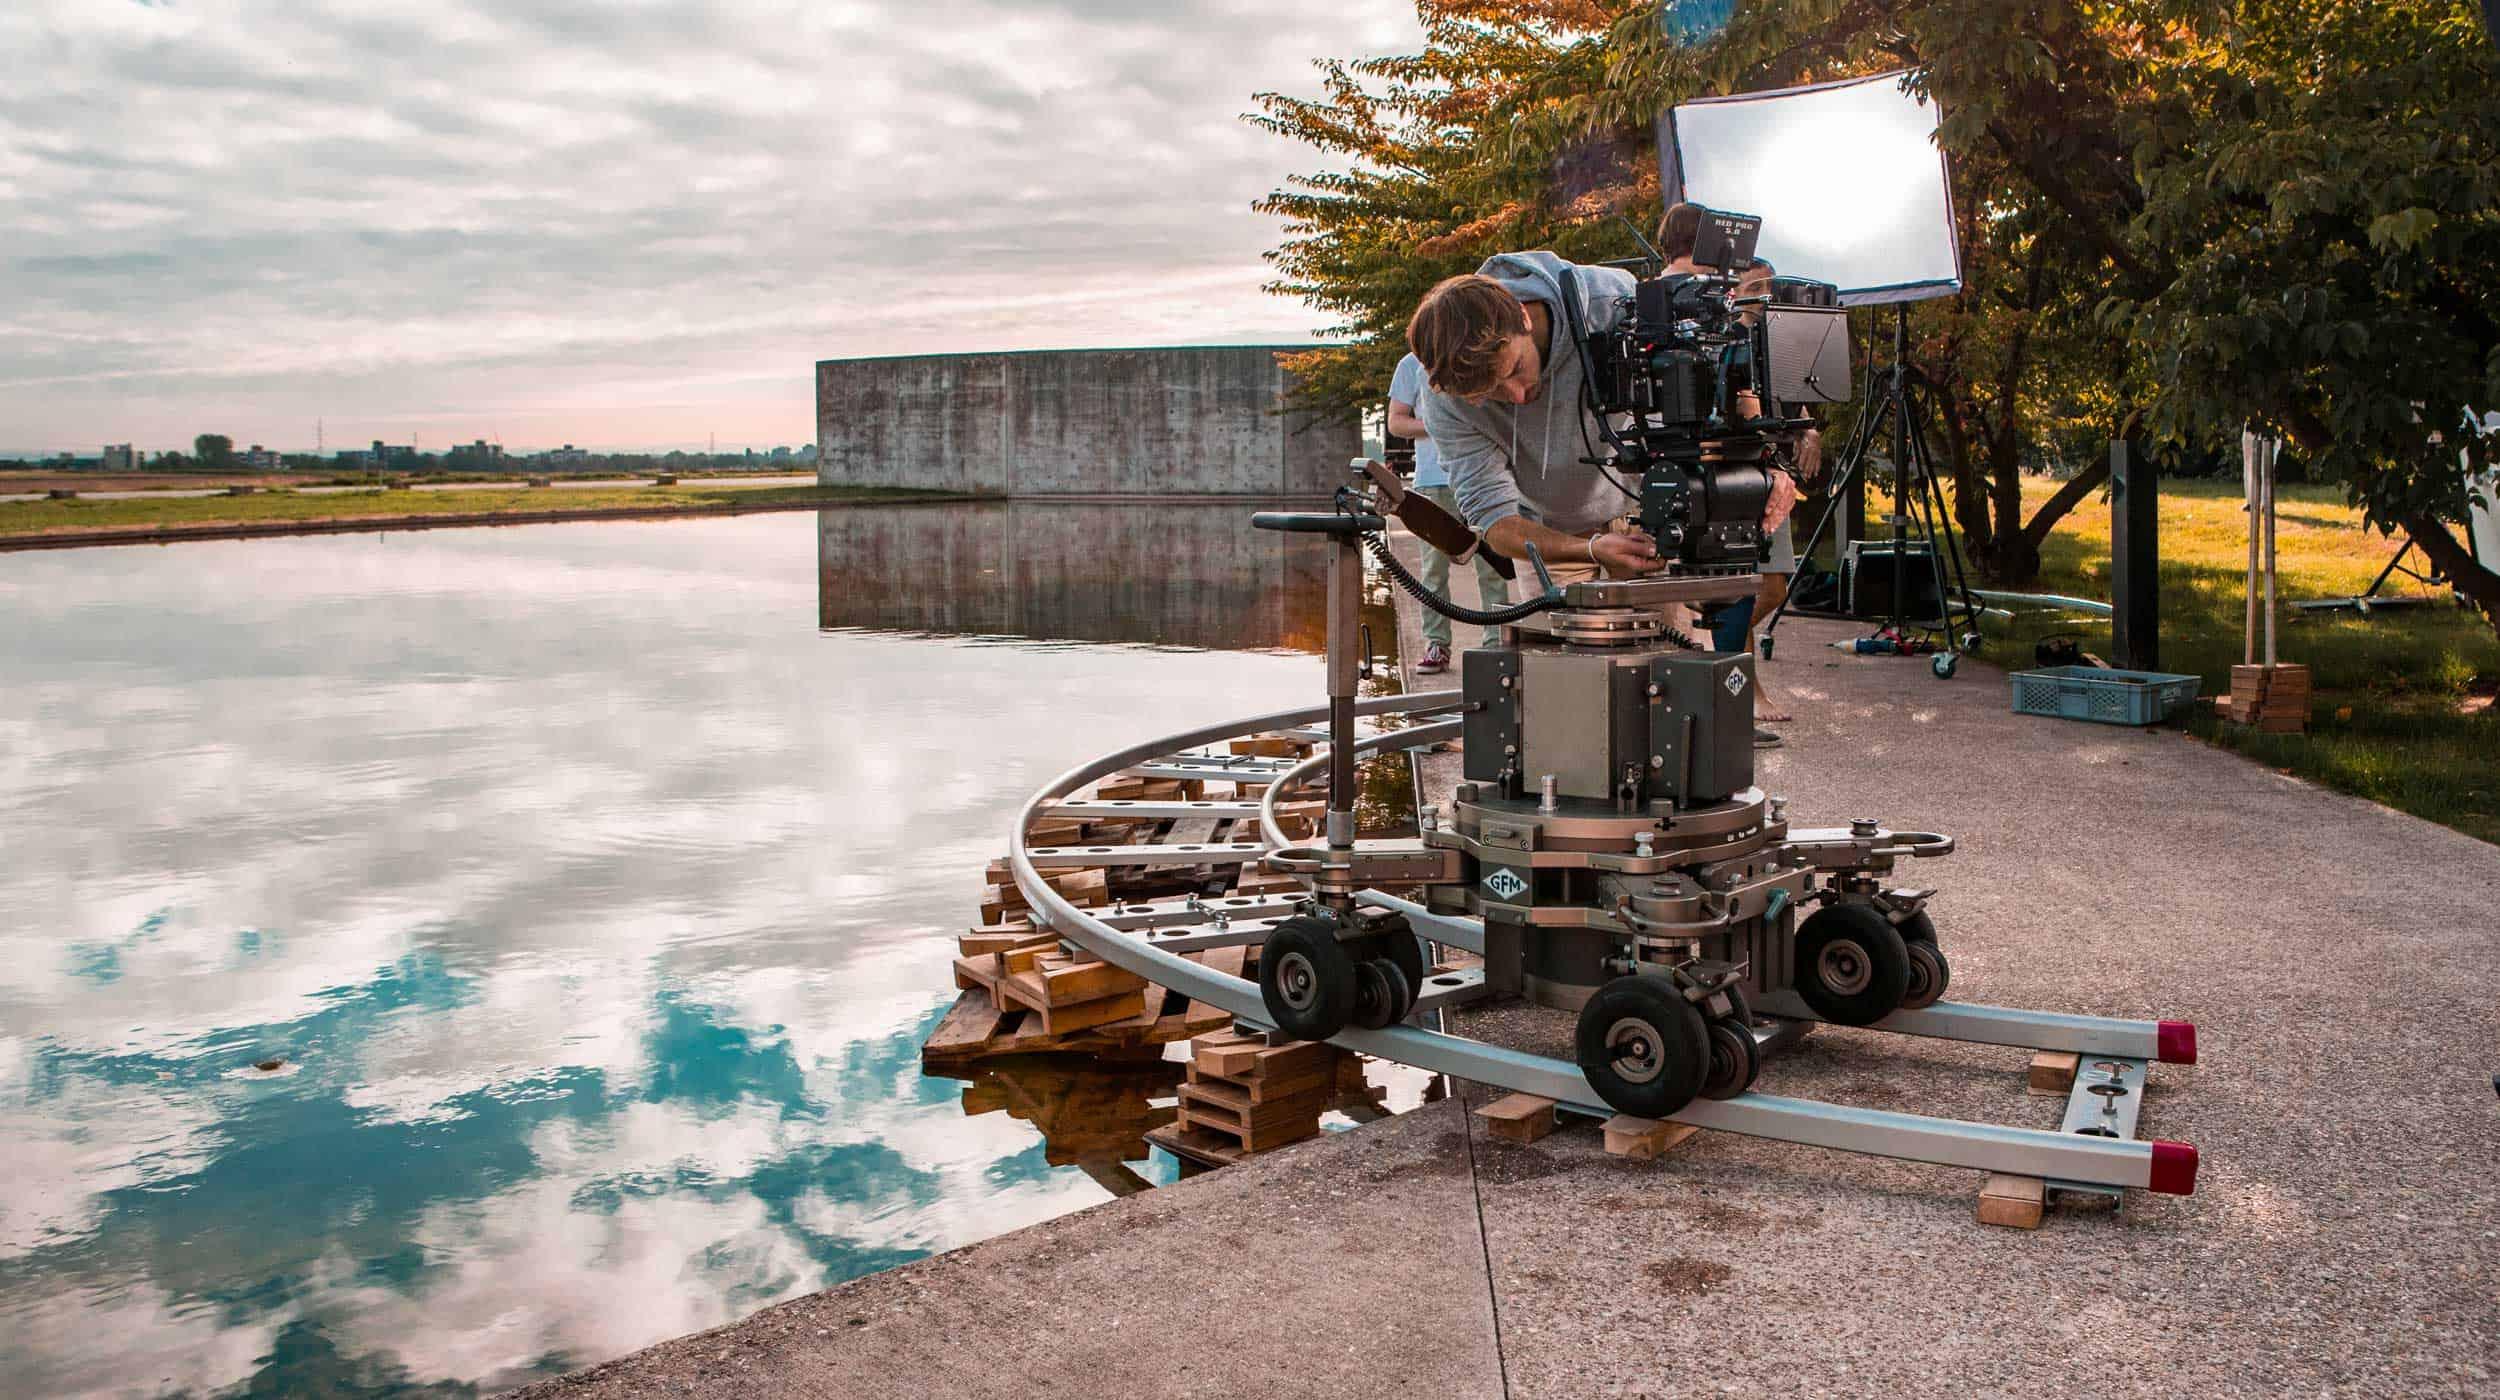 neiser filmproduktion Düsseldorf Ausbildung Mediengestalter Bild und ton Praktikum video produktion